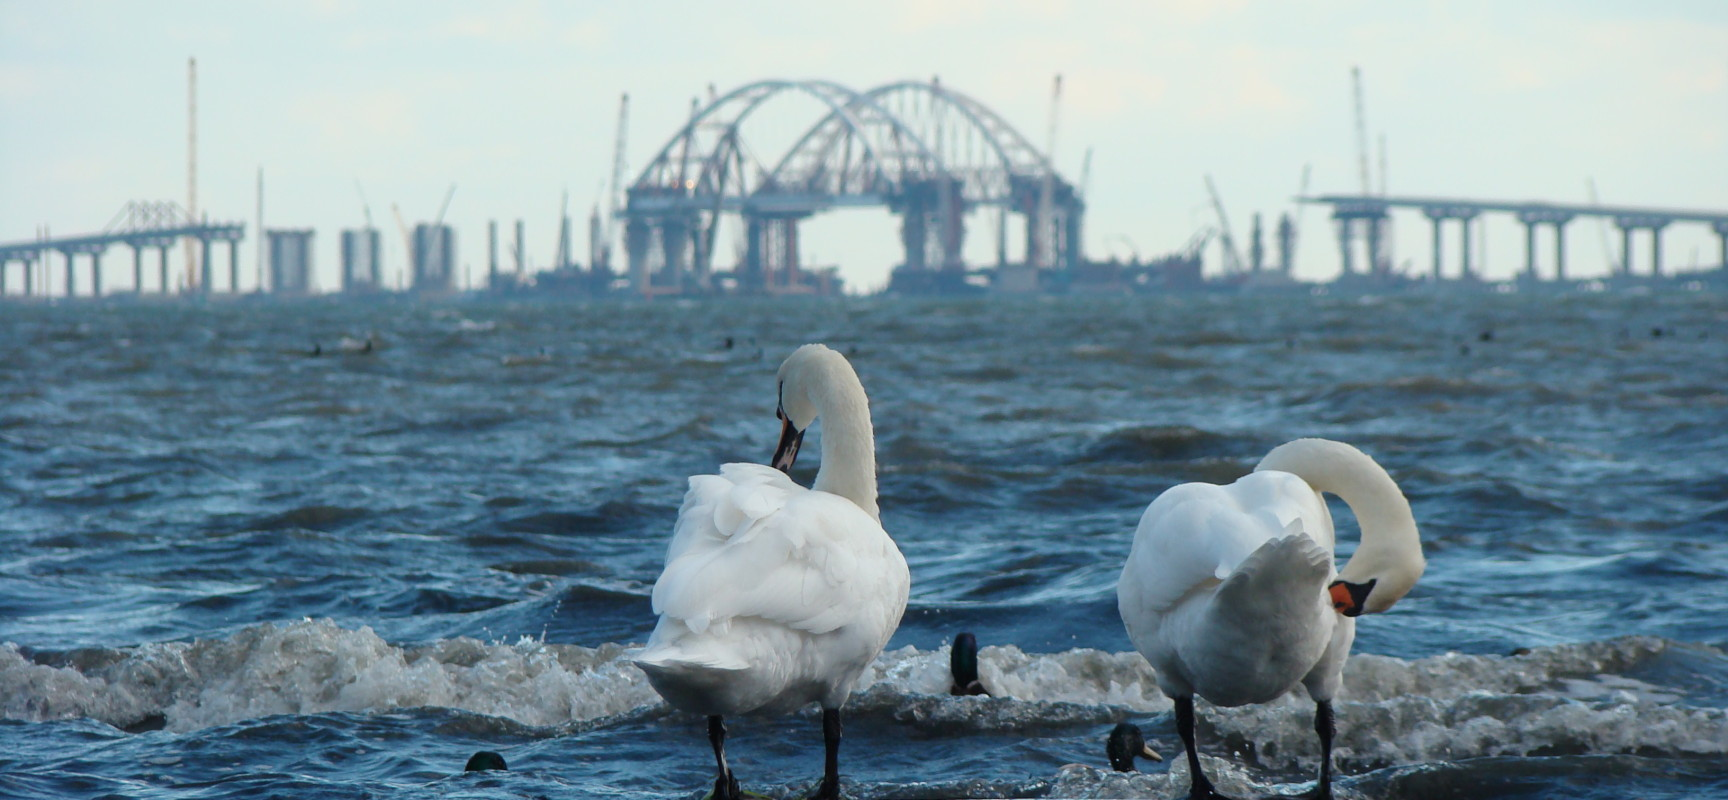 Ученые наблюдают за дельфинами в районе строительства моста через Керченский пролив